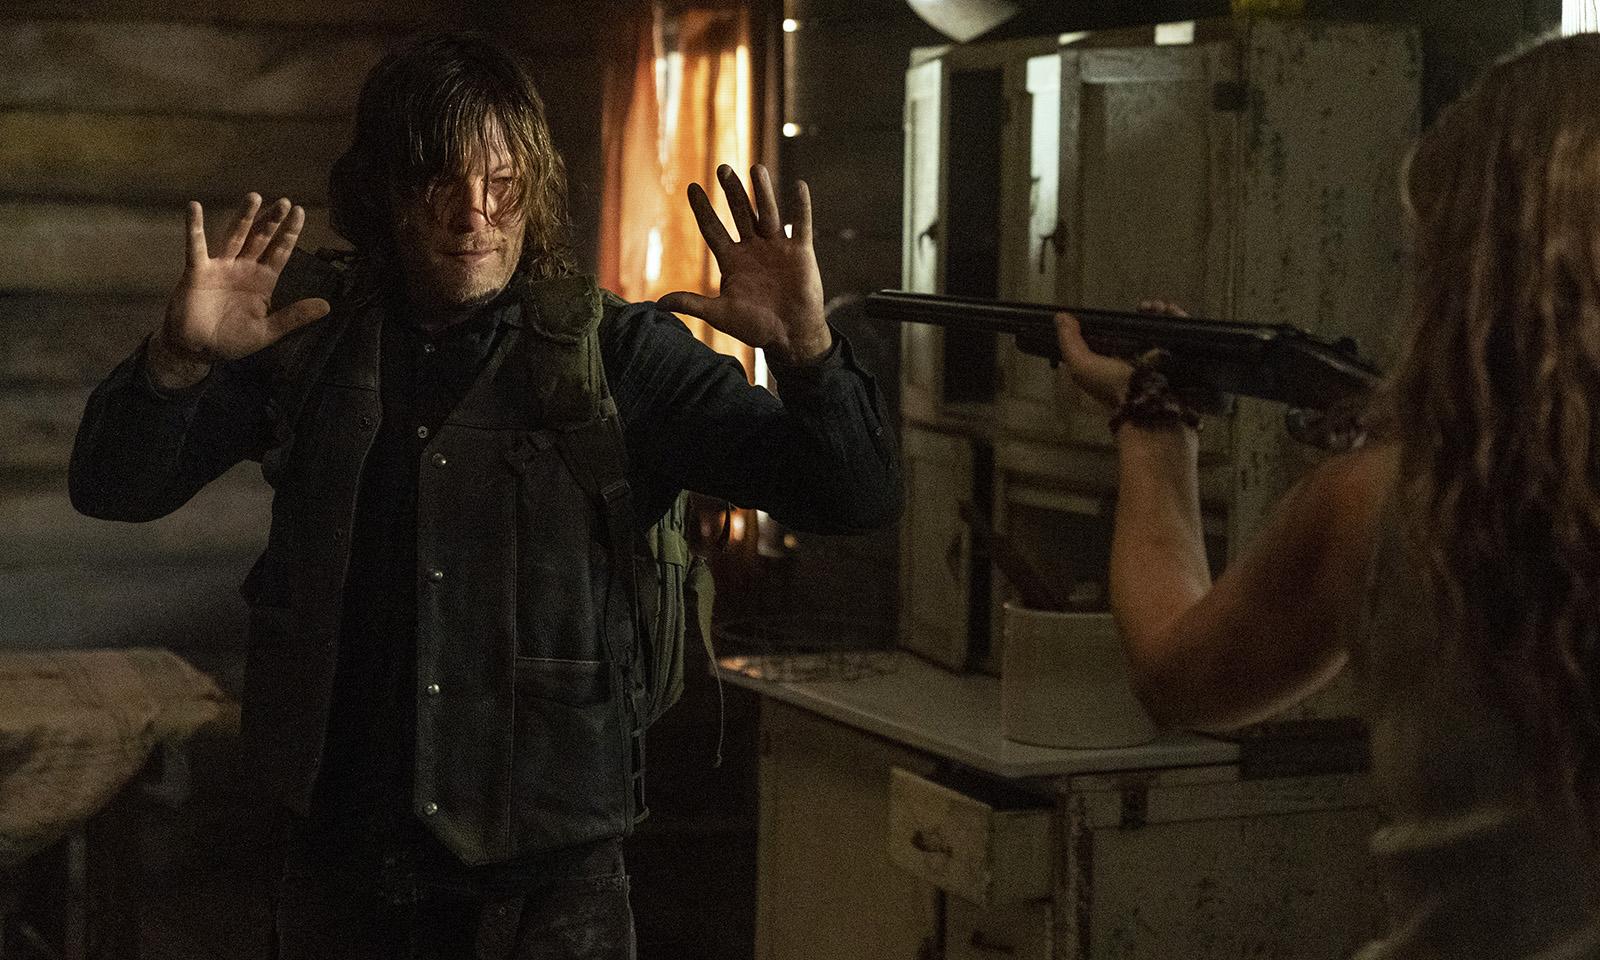 Leah apontando uma arma para Daryl em imagem do 18º episódio da 10ª temporada de The Walking Dead